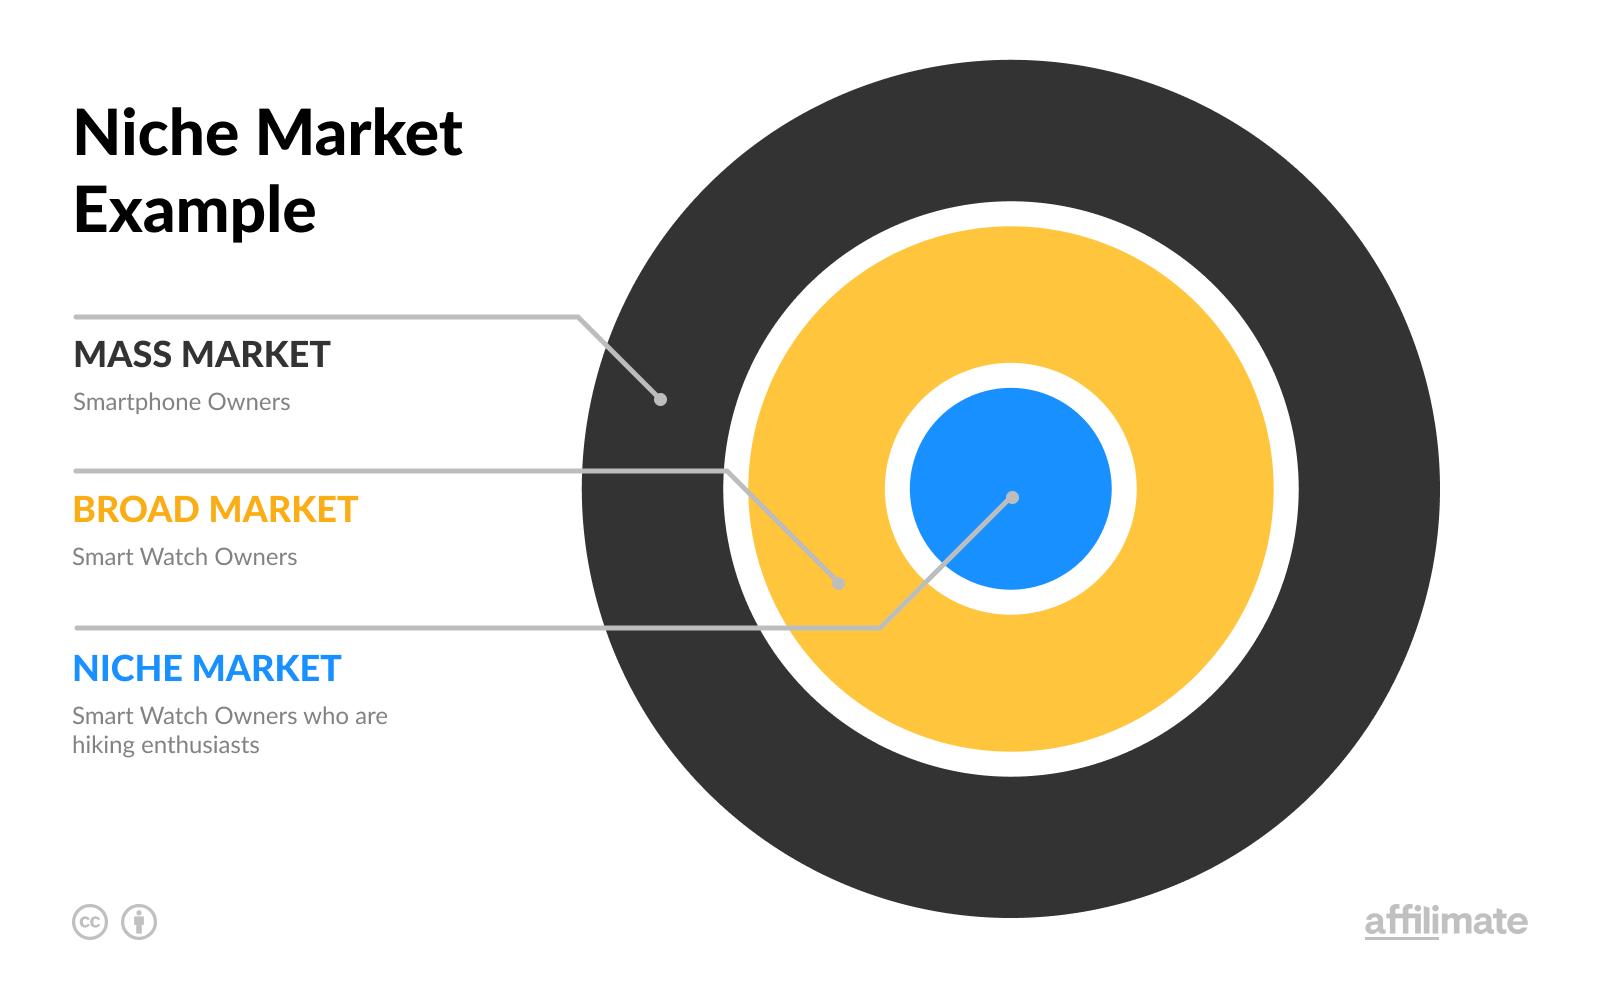 Niche Market example